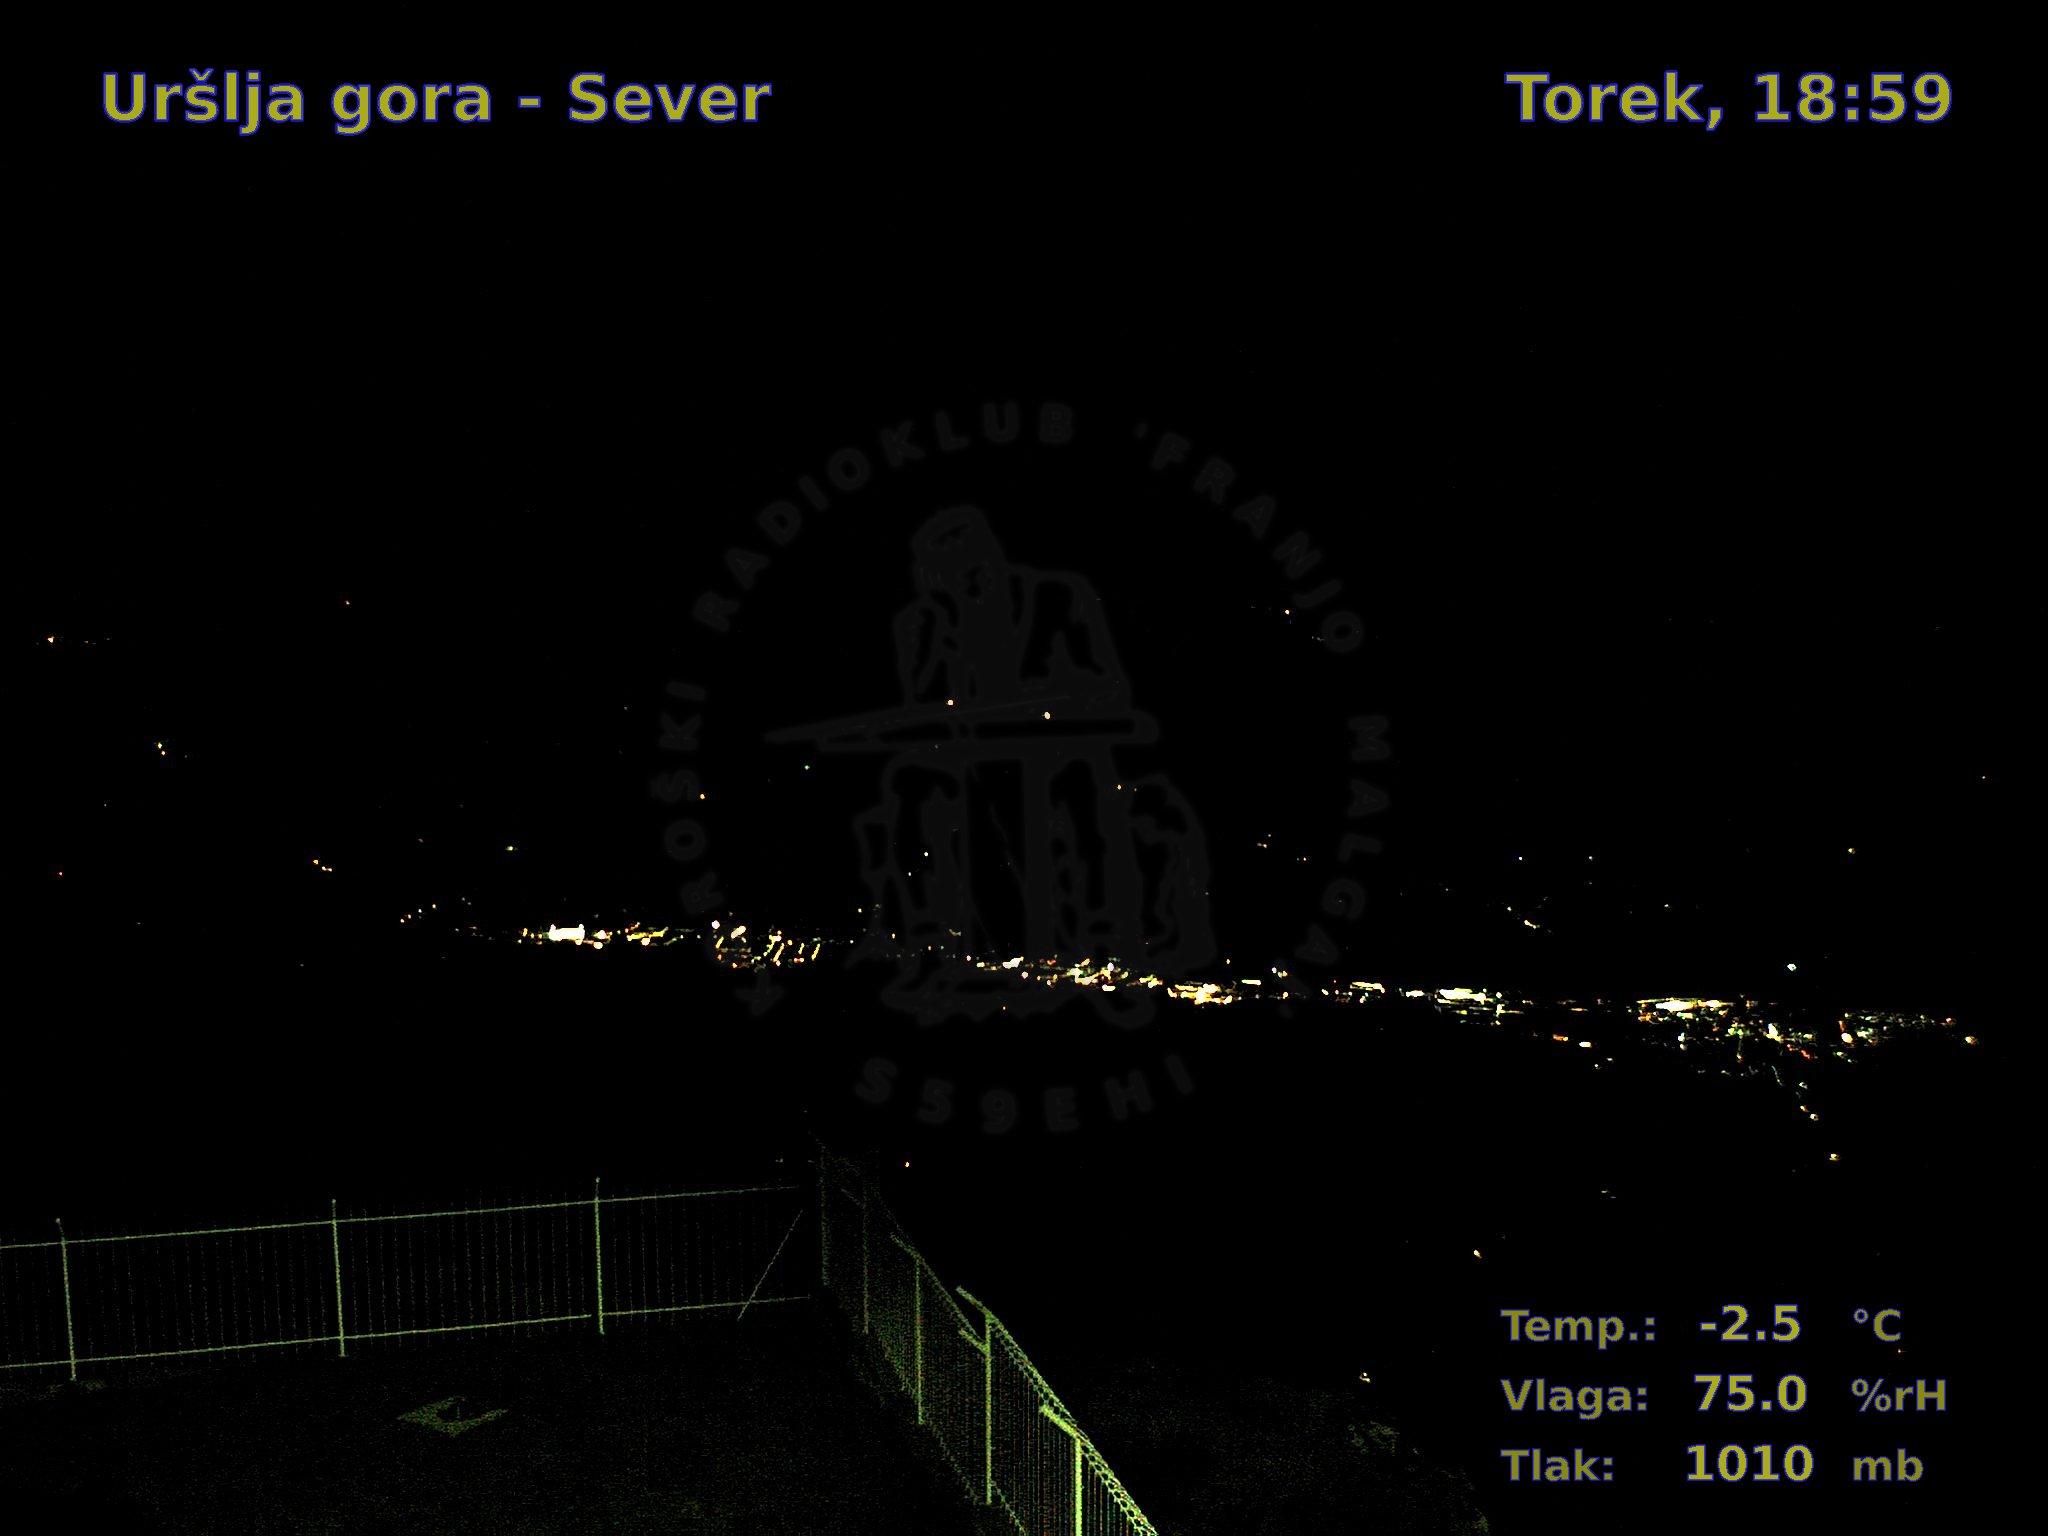 Uršlja gora-Sever, 18:00